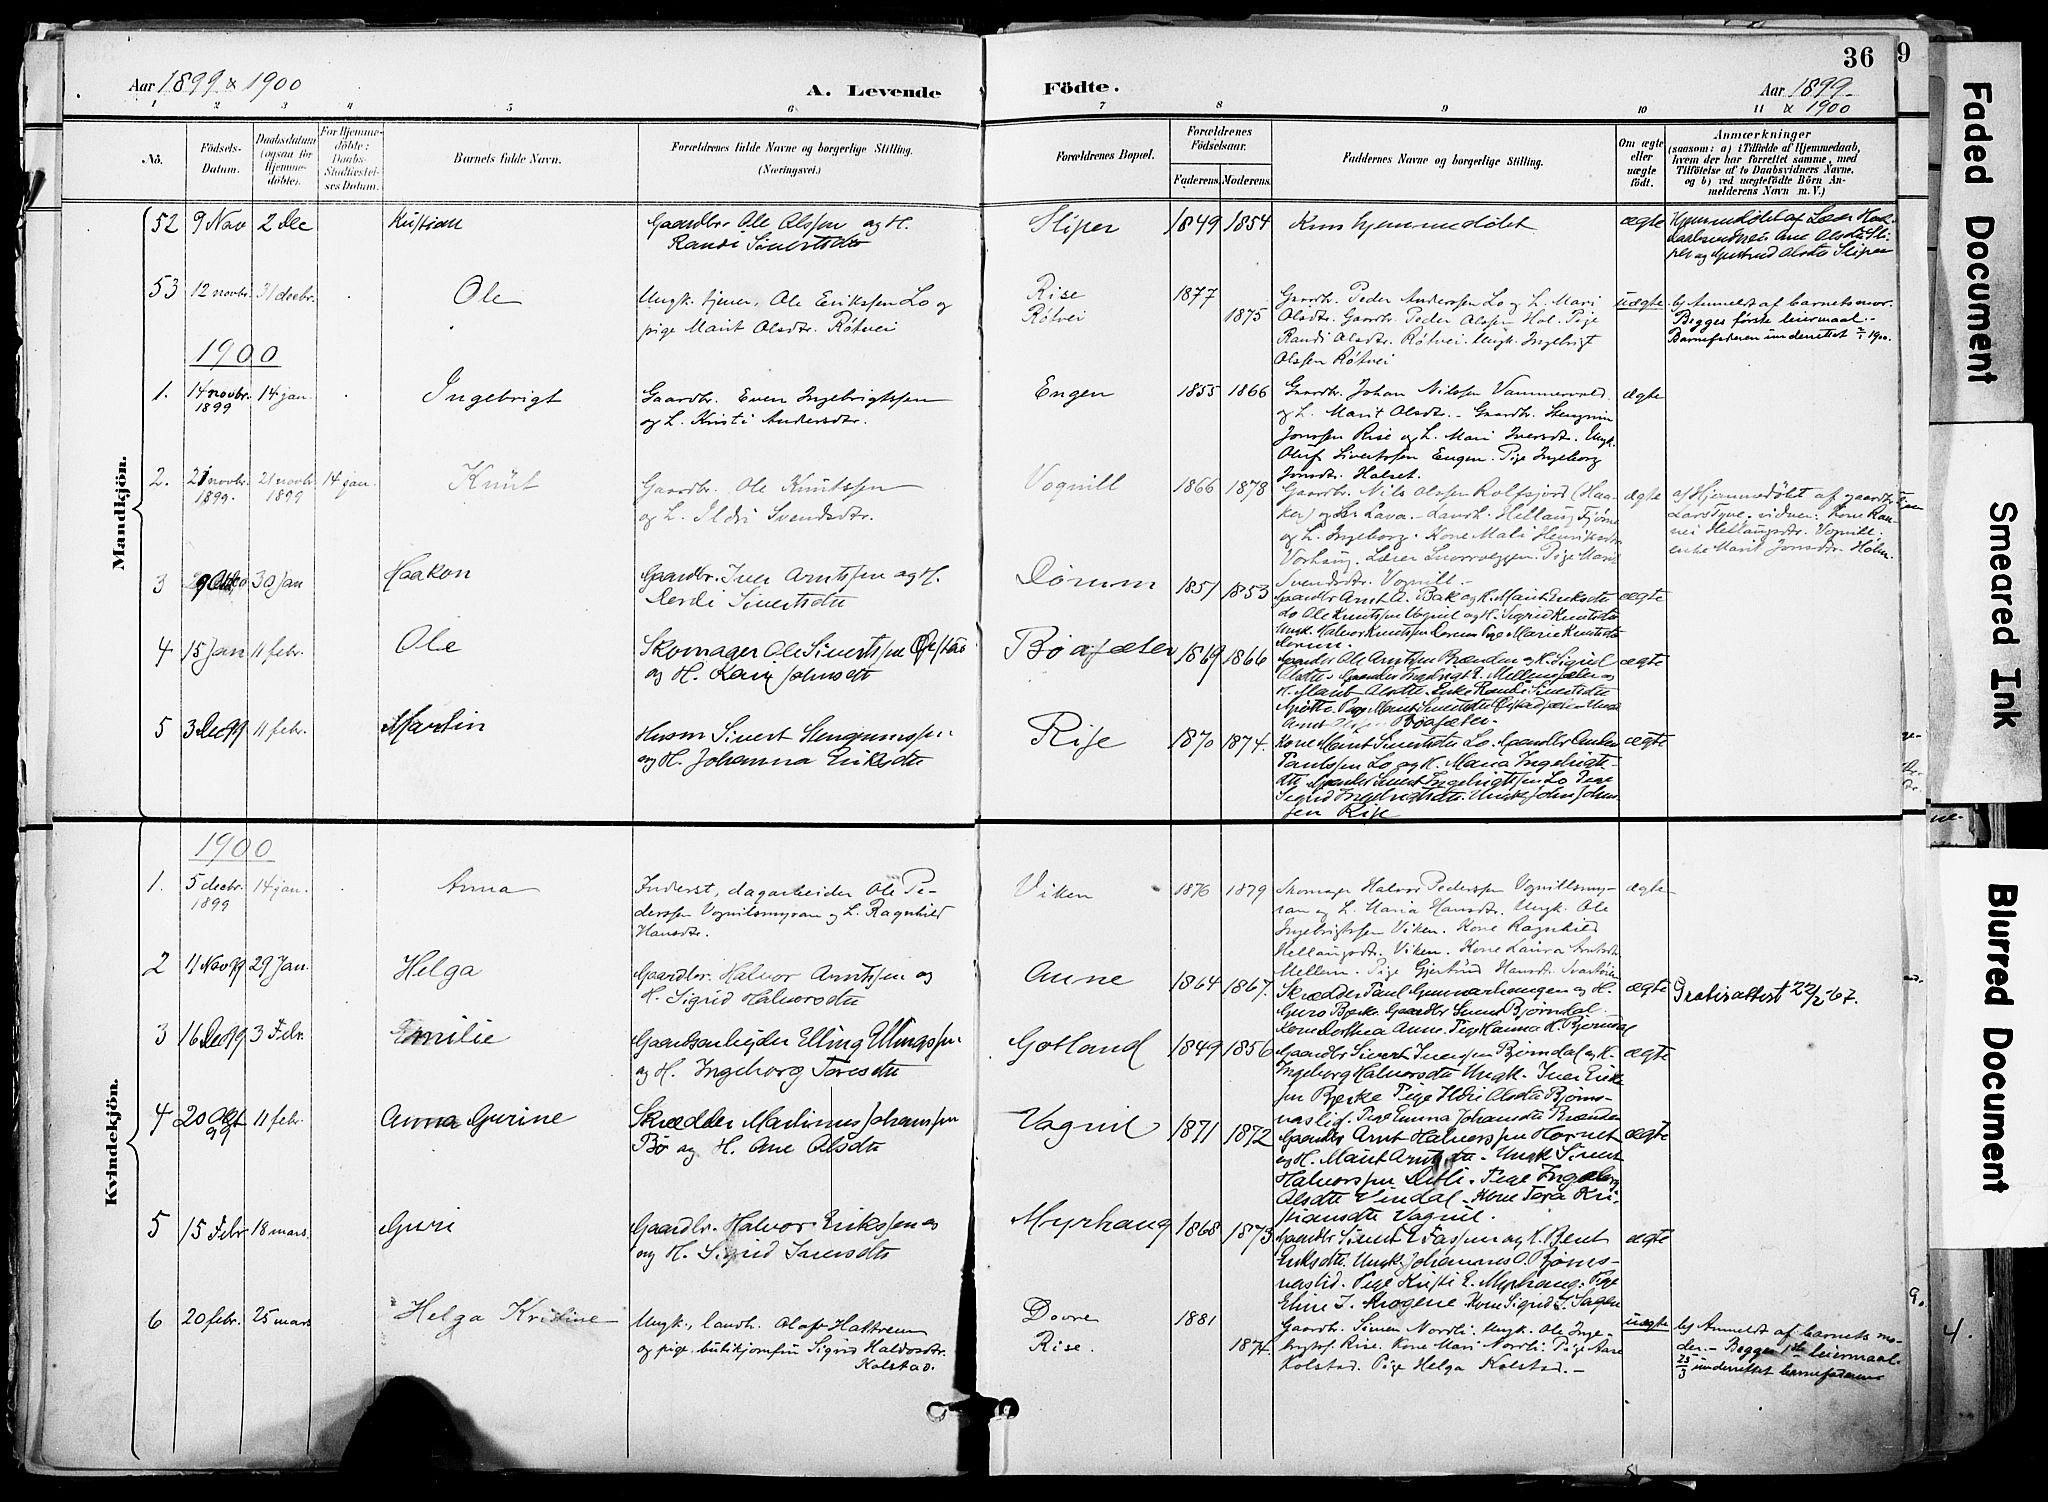 SAT, Ministerialprotokoller, klokkerbøker og fødselsregistre - Sør-Trøndelag, 678/L0902: Ministerialbok nr. 678A11, 1895-1911, s. 36